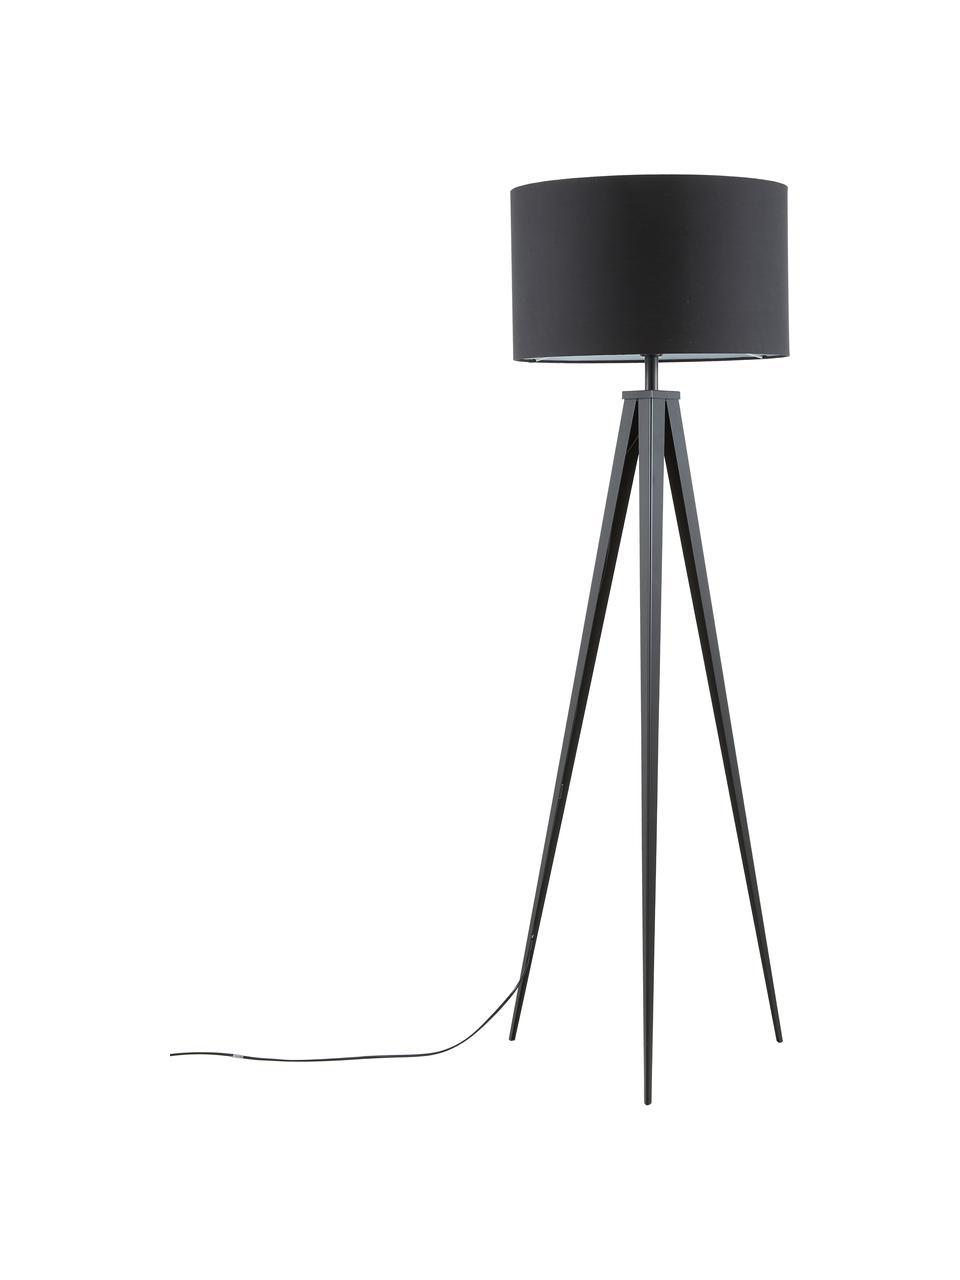 Moderne Tripod Stehlampe Jake, Lampenschirm: Baumwollgemisch, Lampenfuß: Metall, pulverbeschichtet, Lampenschirm: SchwarzLampenfuß: Mattschwarz, Ø 50 x H 154 cm